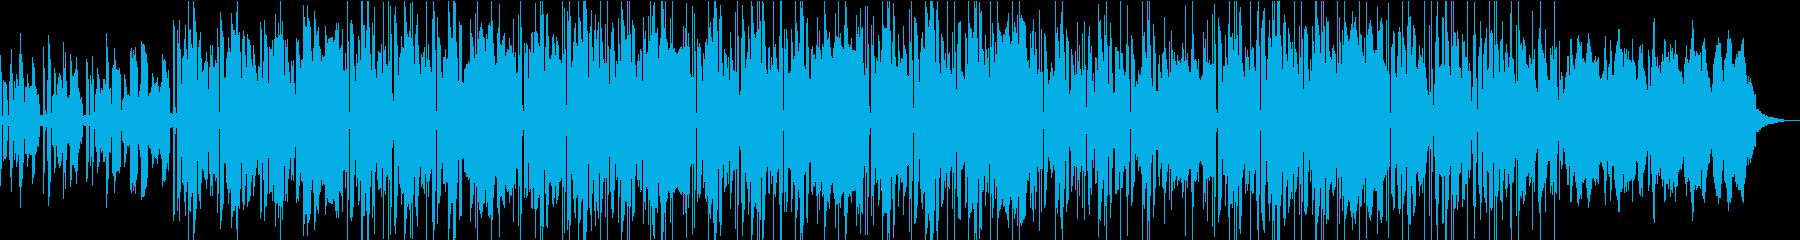 コミカルで可愛くほのぼのした雰囲気の曲の再生済みの波形